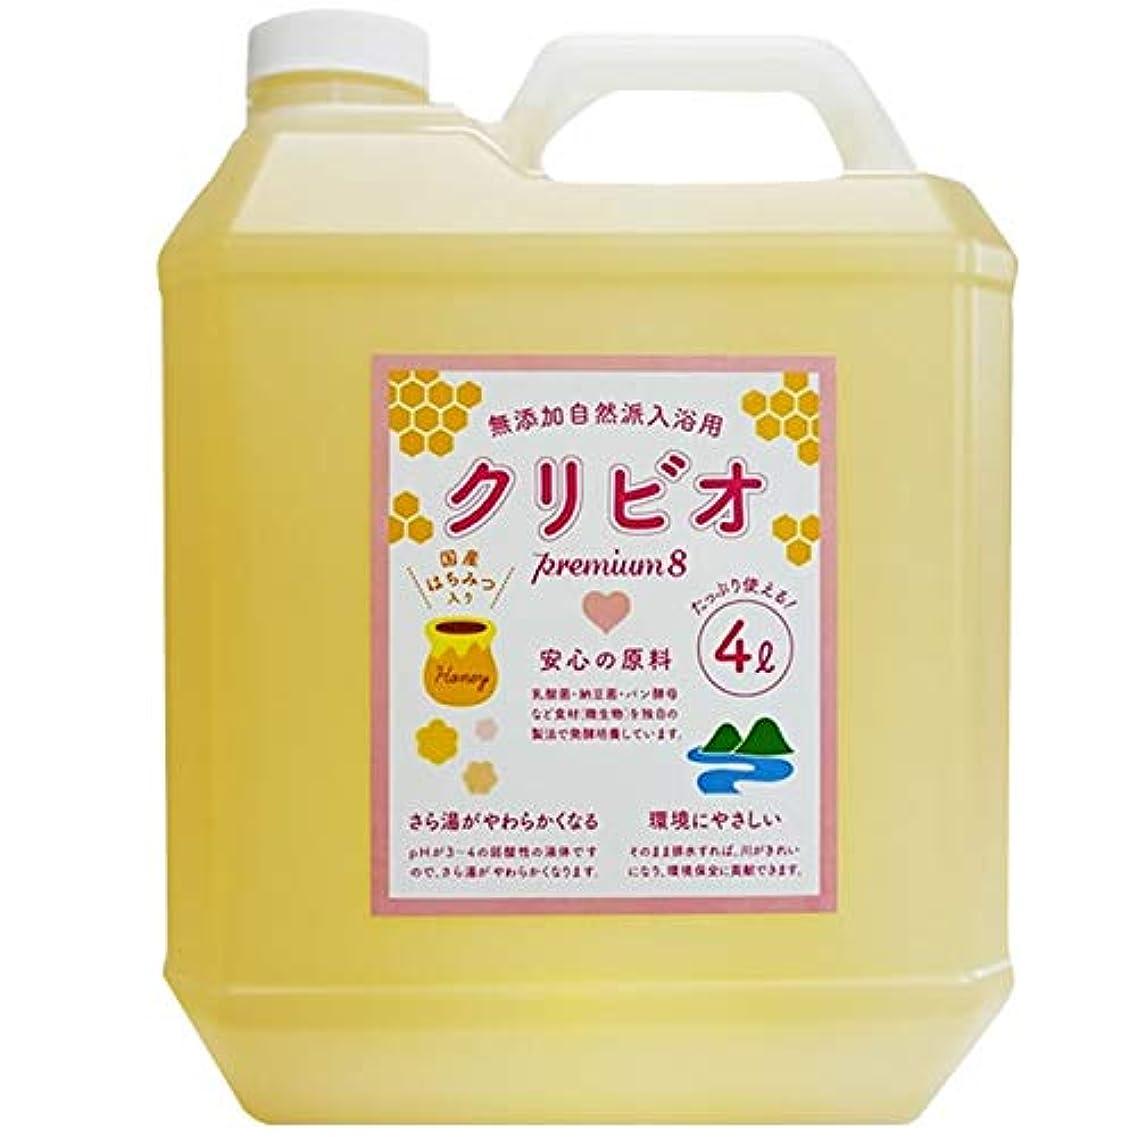 情熱的異なる爆発する国産蜂蜜乳酸菌入り 自然派入浴用クリビオpremium8 4リットルお徳用*計量カップ?L型ノズル付【無添加】